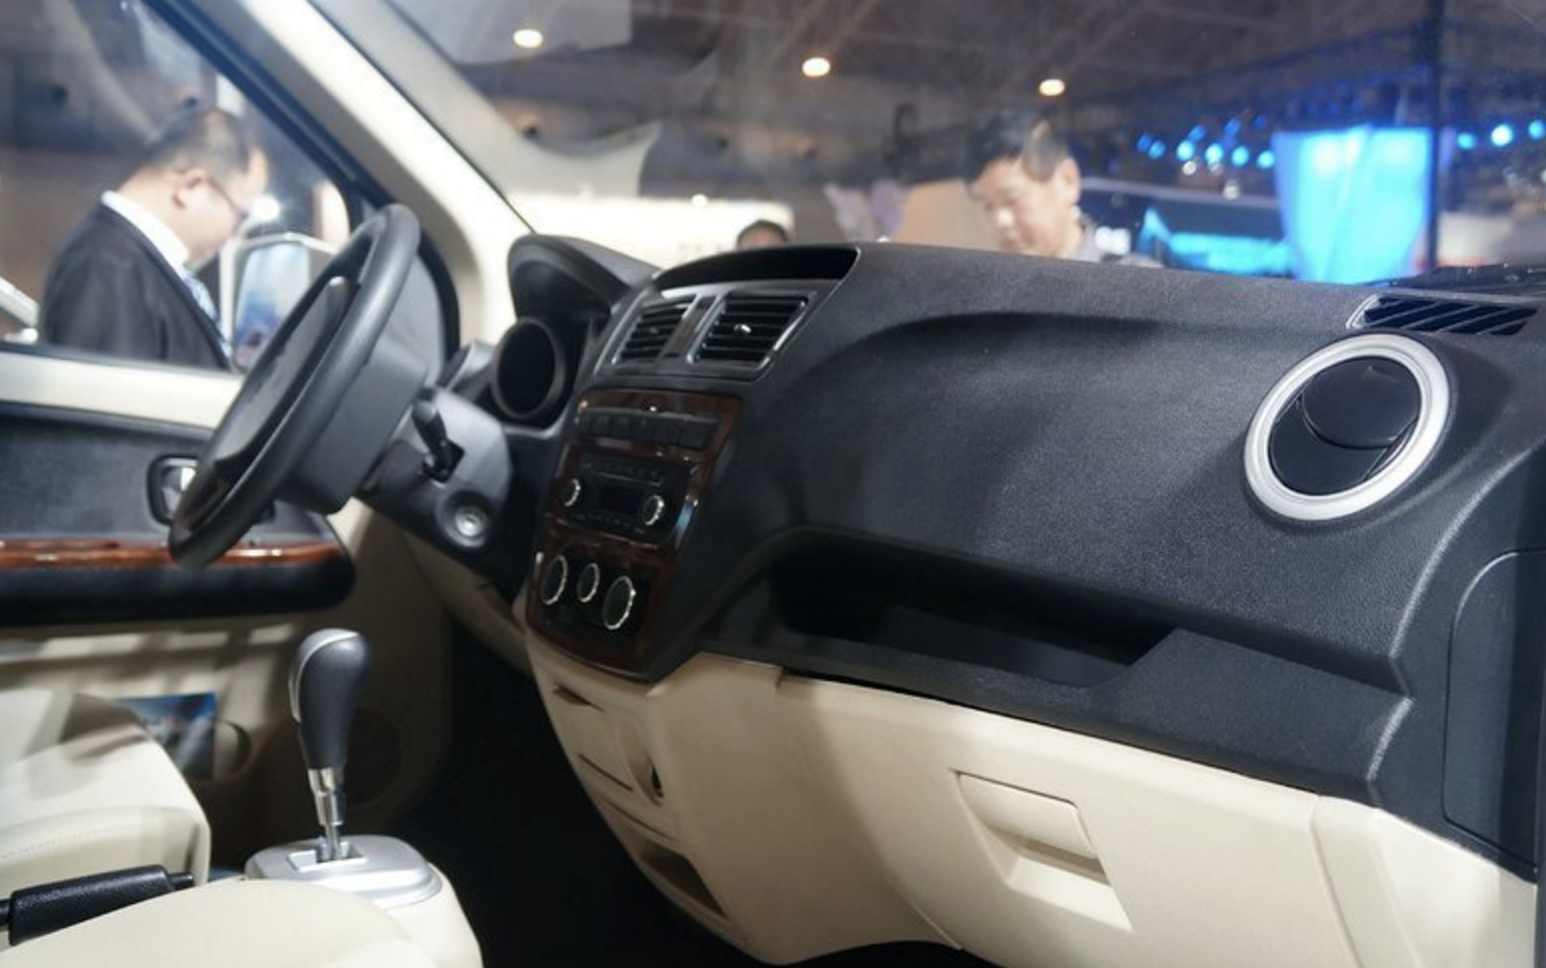 长安睿行EM80正式上市 续航330公里 售价9.68万元和9.88万元